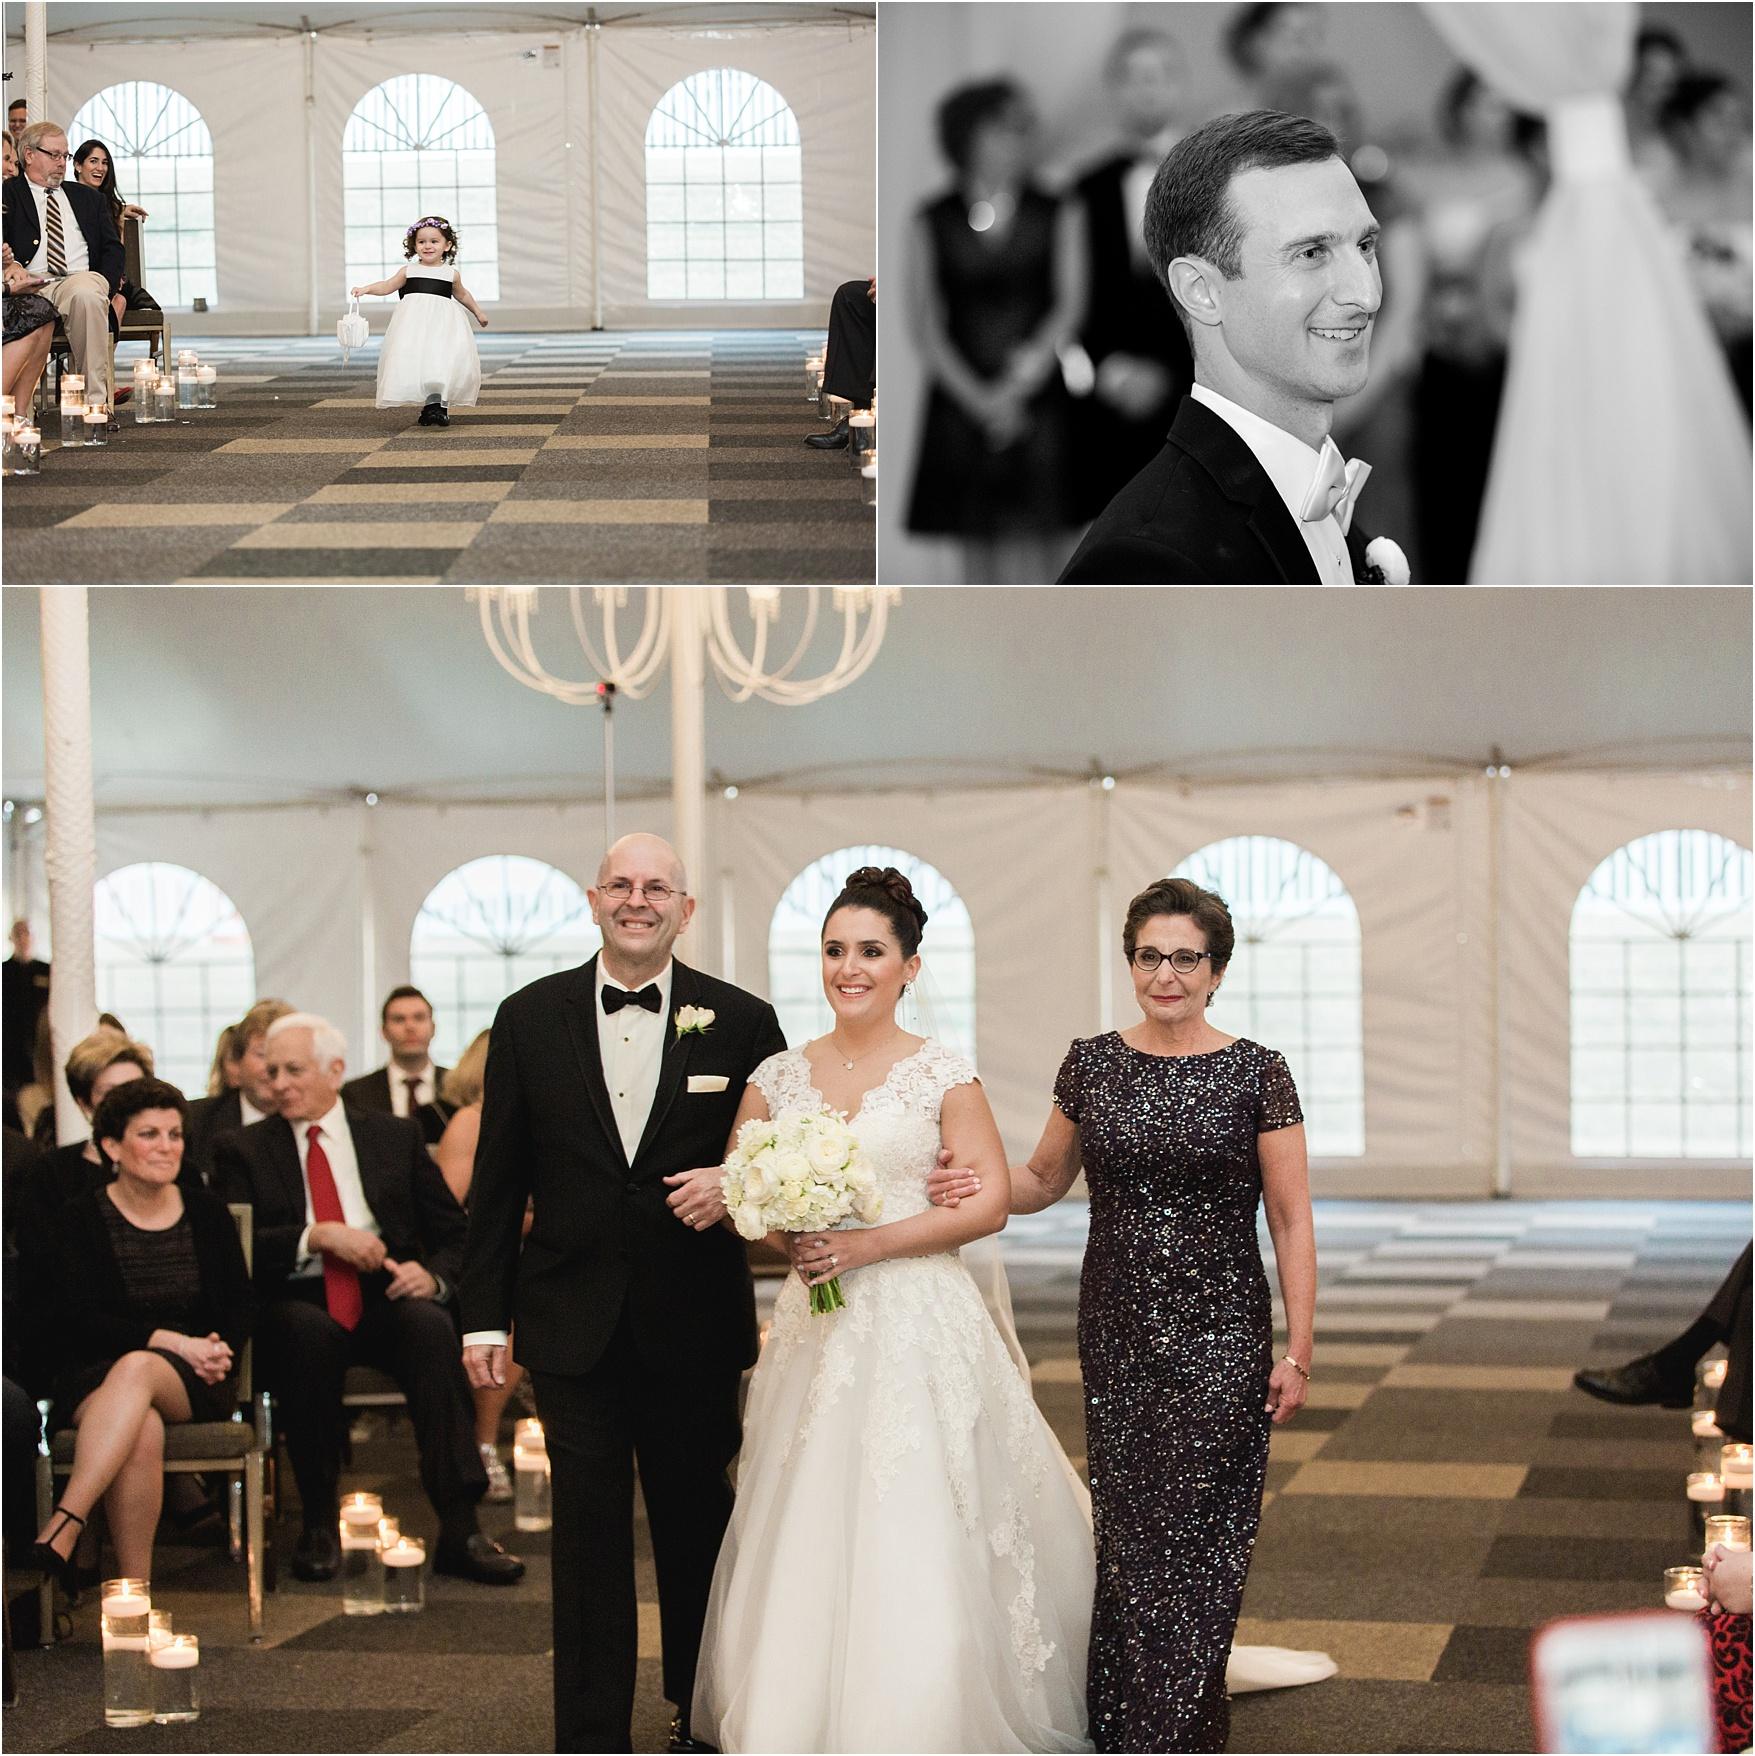 wedding photography st louis_lauren muckler photography_film photographer_film wedding_0061.jpg